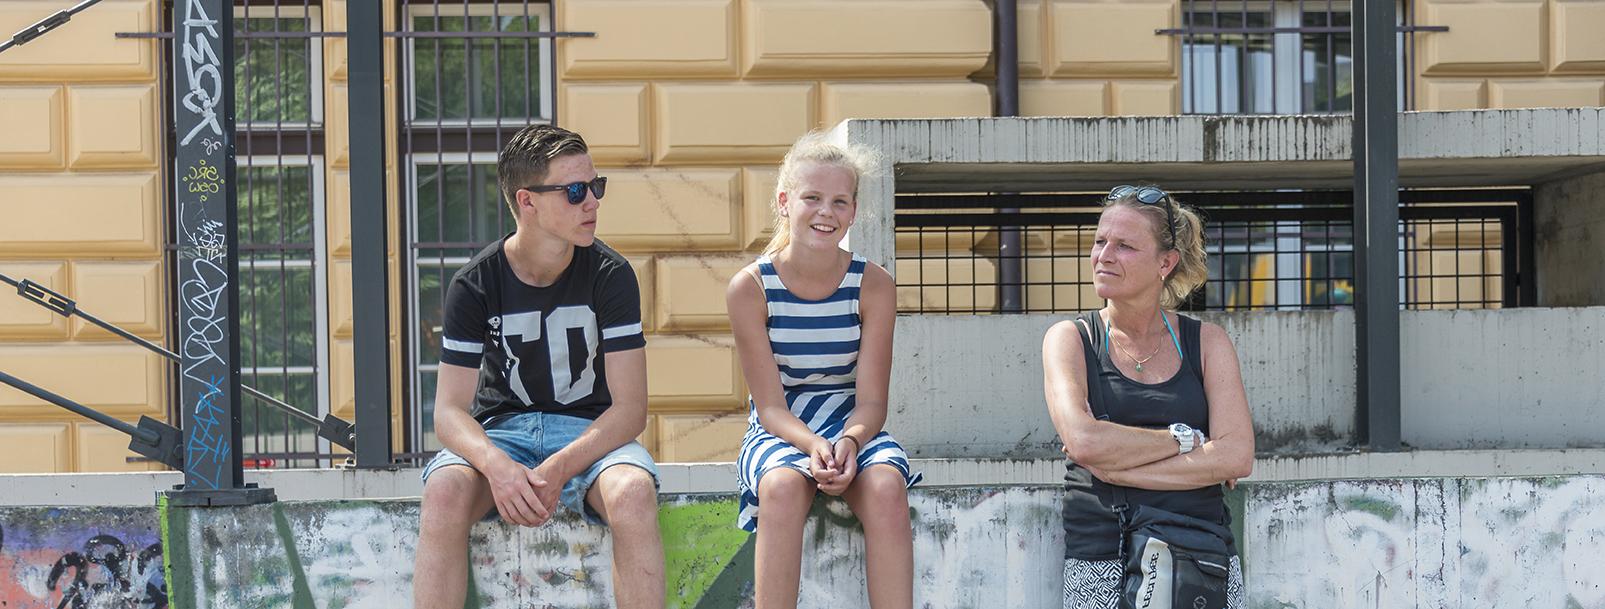 Moeder met pubers in Rotterdam, voor GGZ gezinsbehandeling